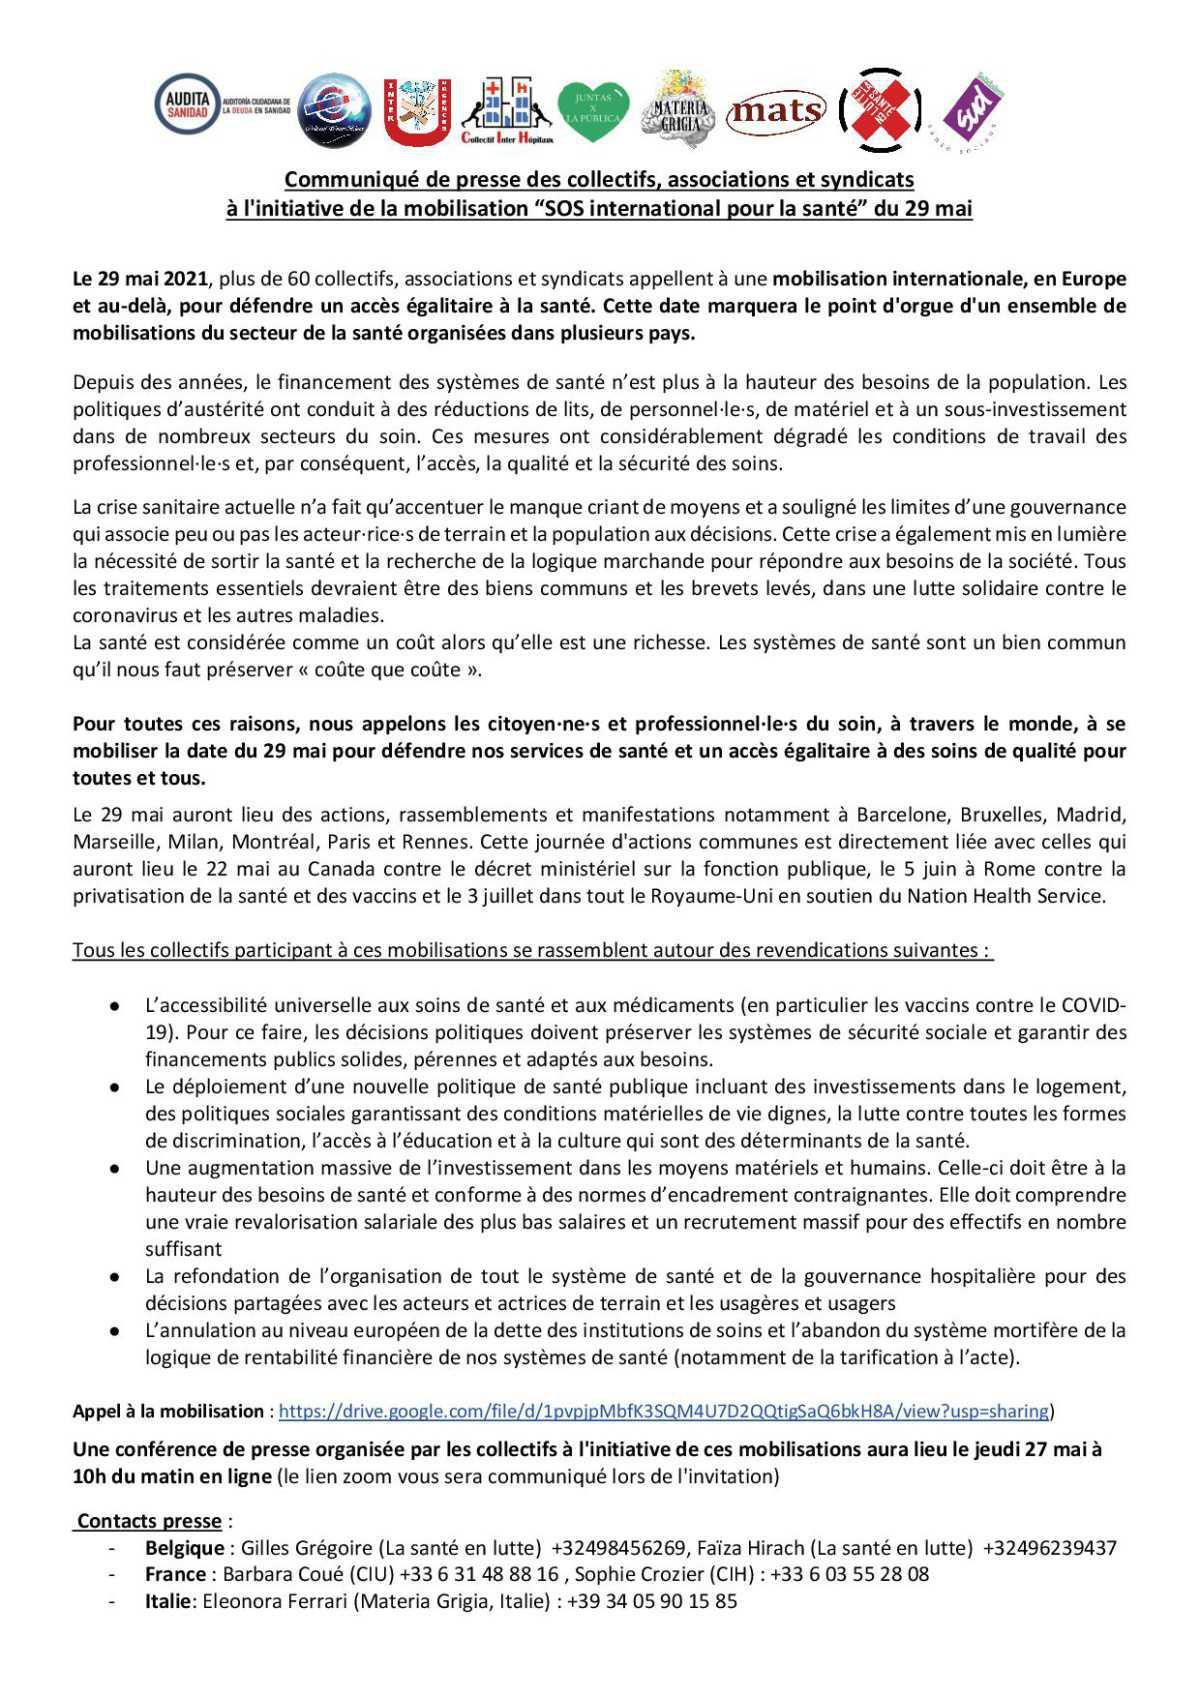 Communiqué de Presse pour la mobilisation internationale de la santé le 29/05/2021